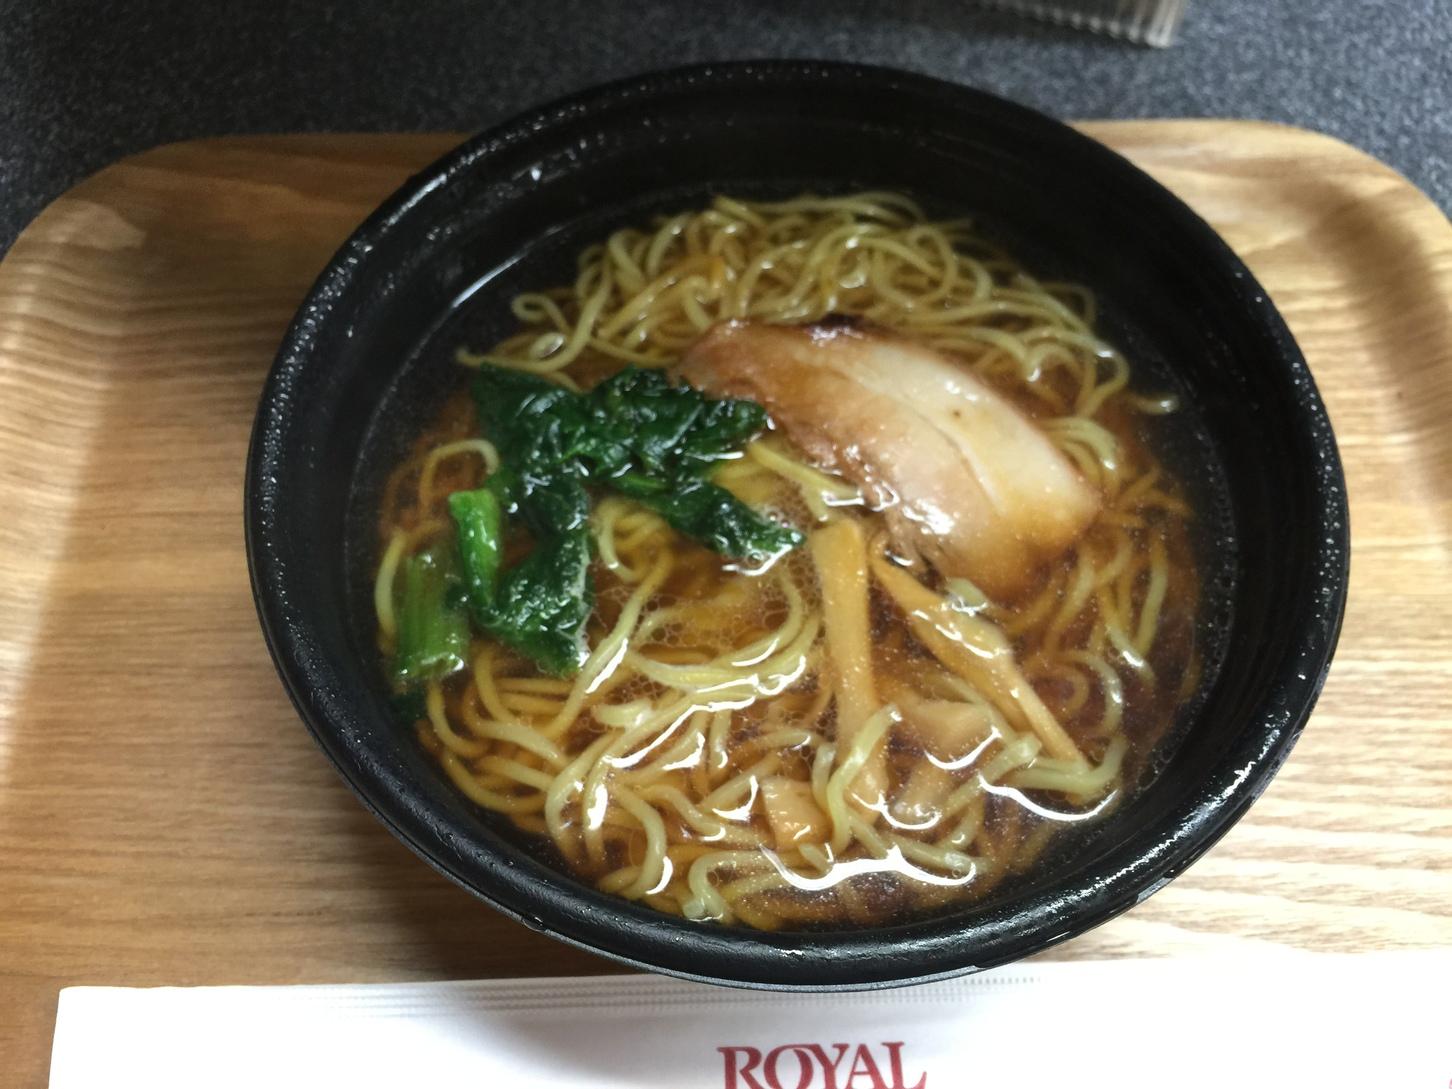 ROYAL ロイヤル成田第2空港売店